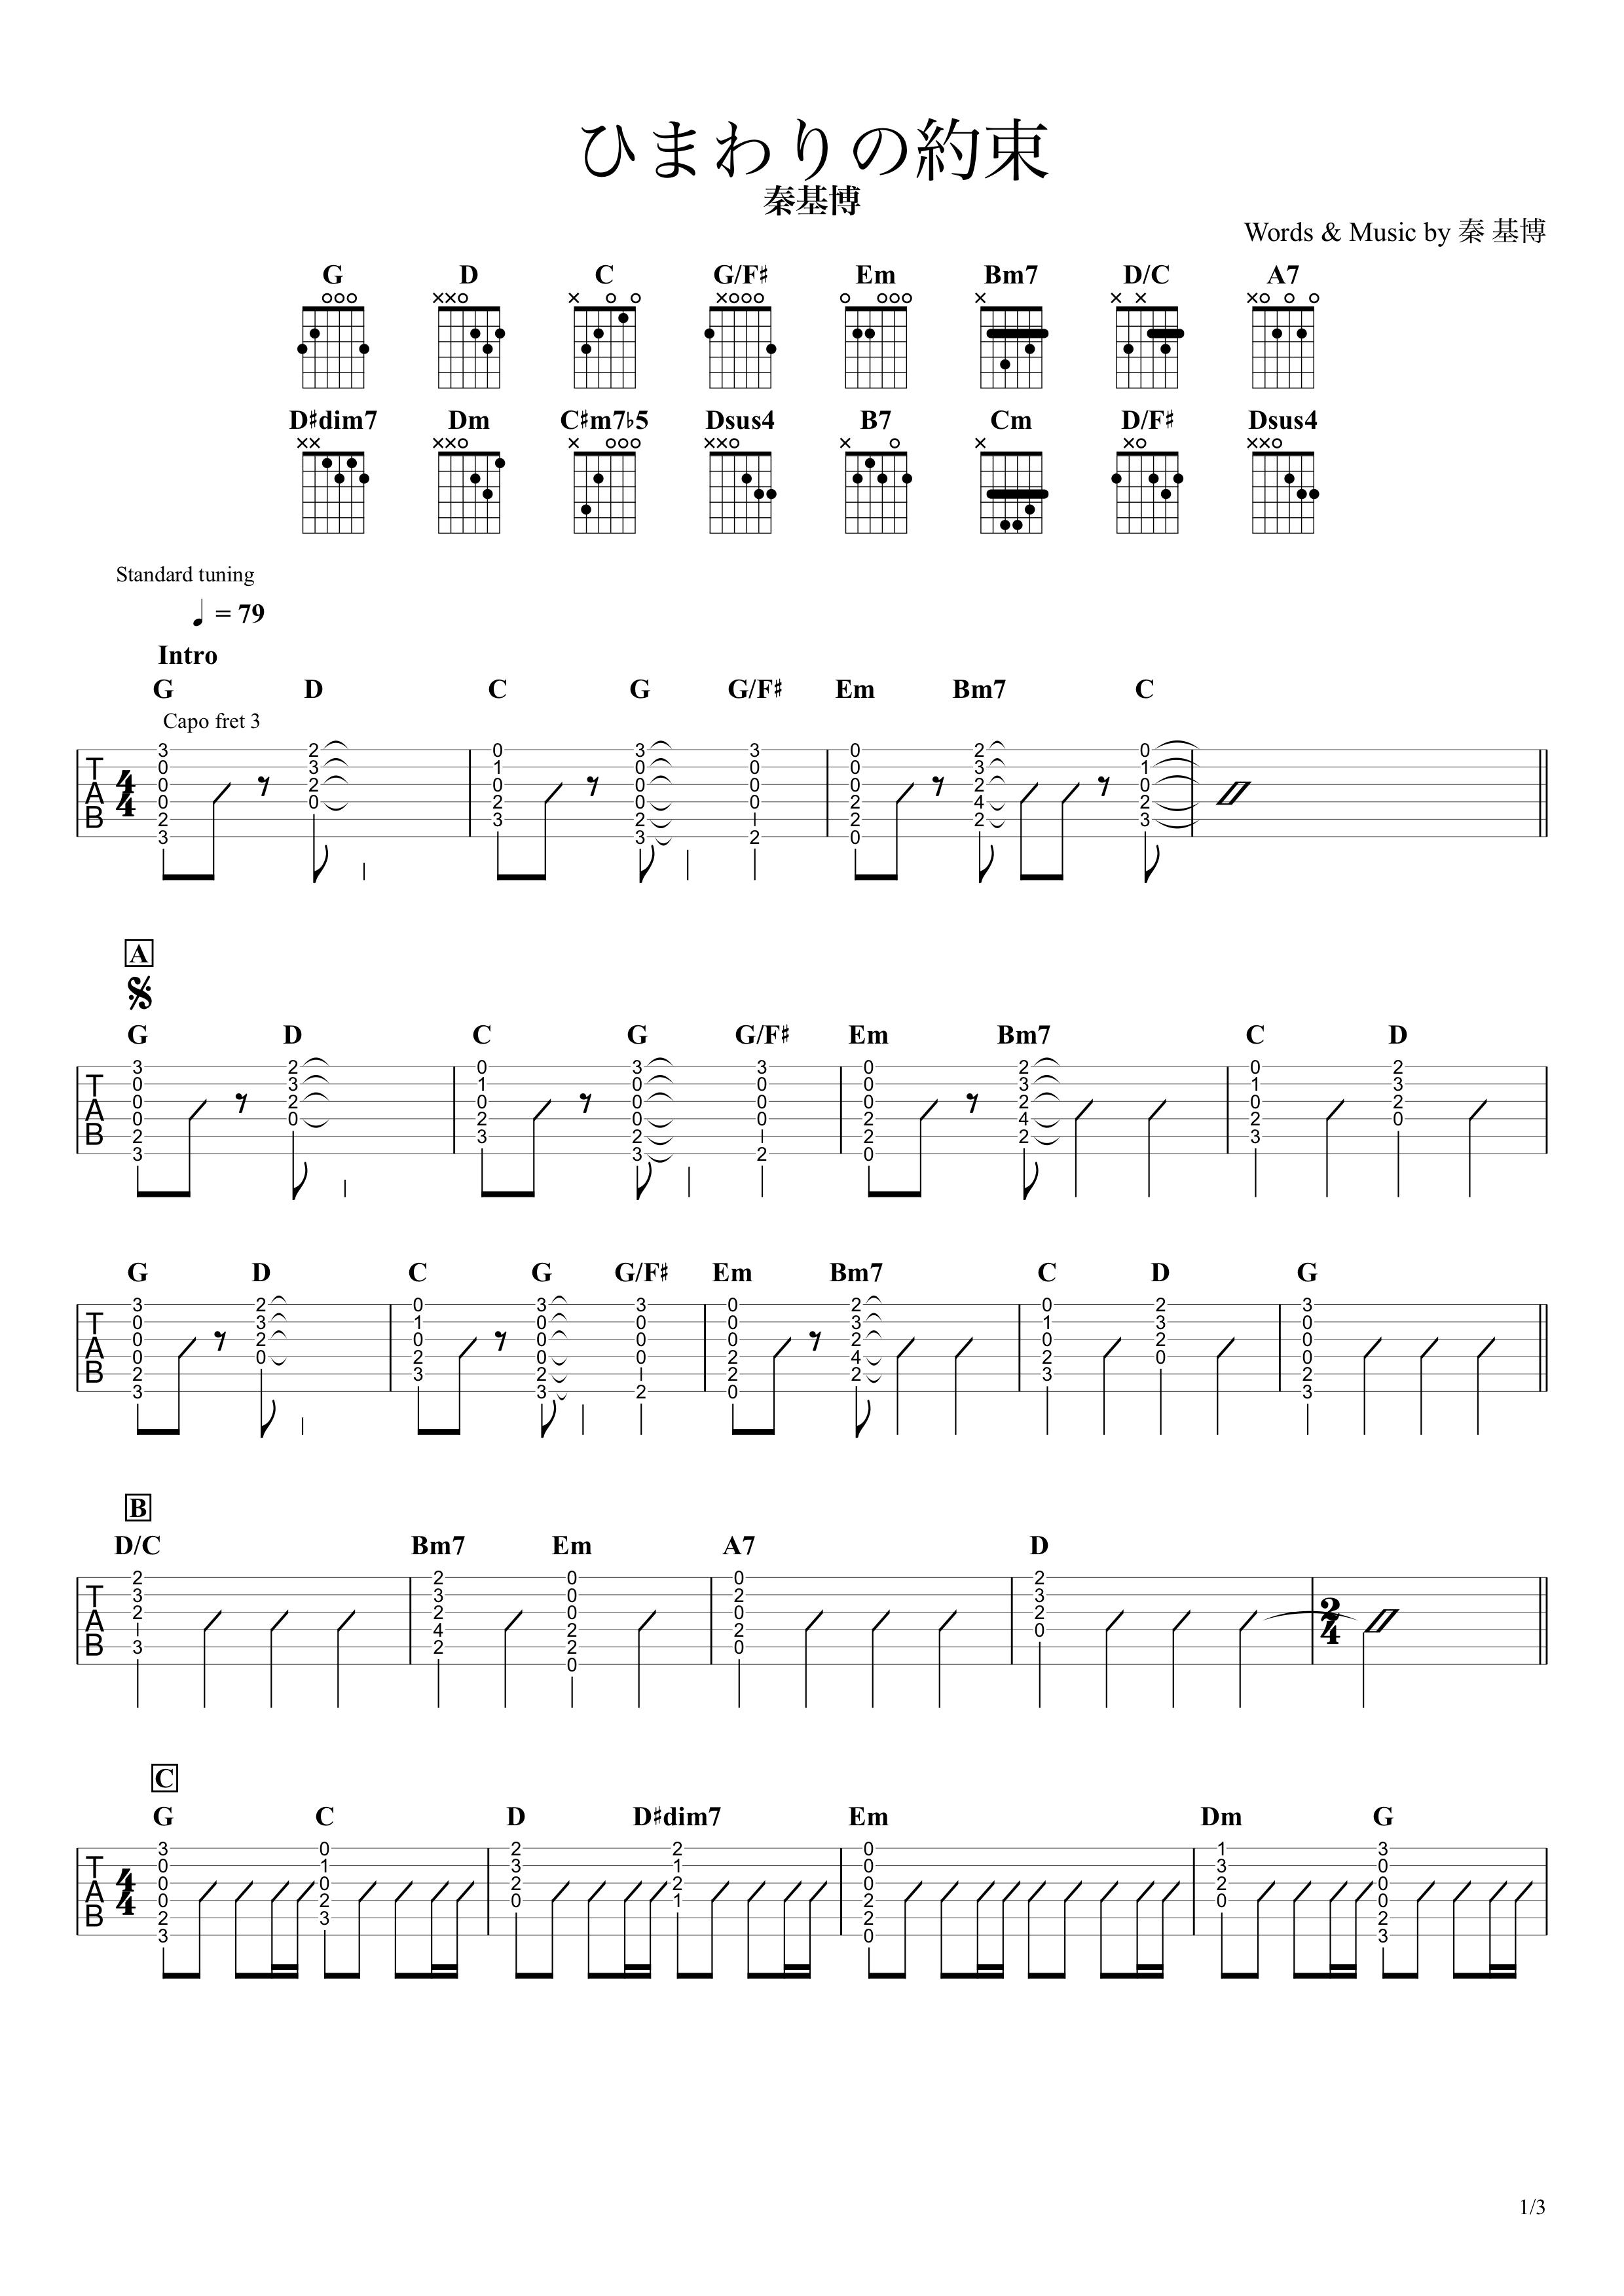 ひまわりの約束/秦基博 ギタータブ譜 簡単コードストロークで弾くVer.01